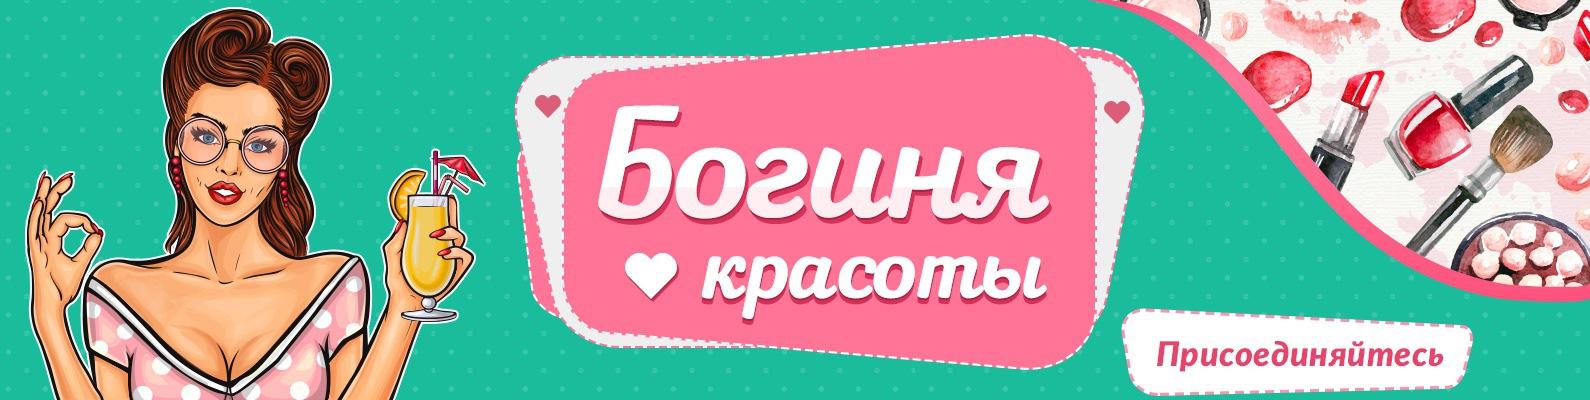 ВКонтакте моя страница вход на страницу  В Контакте